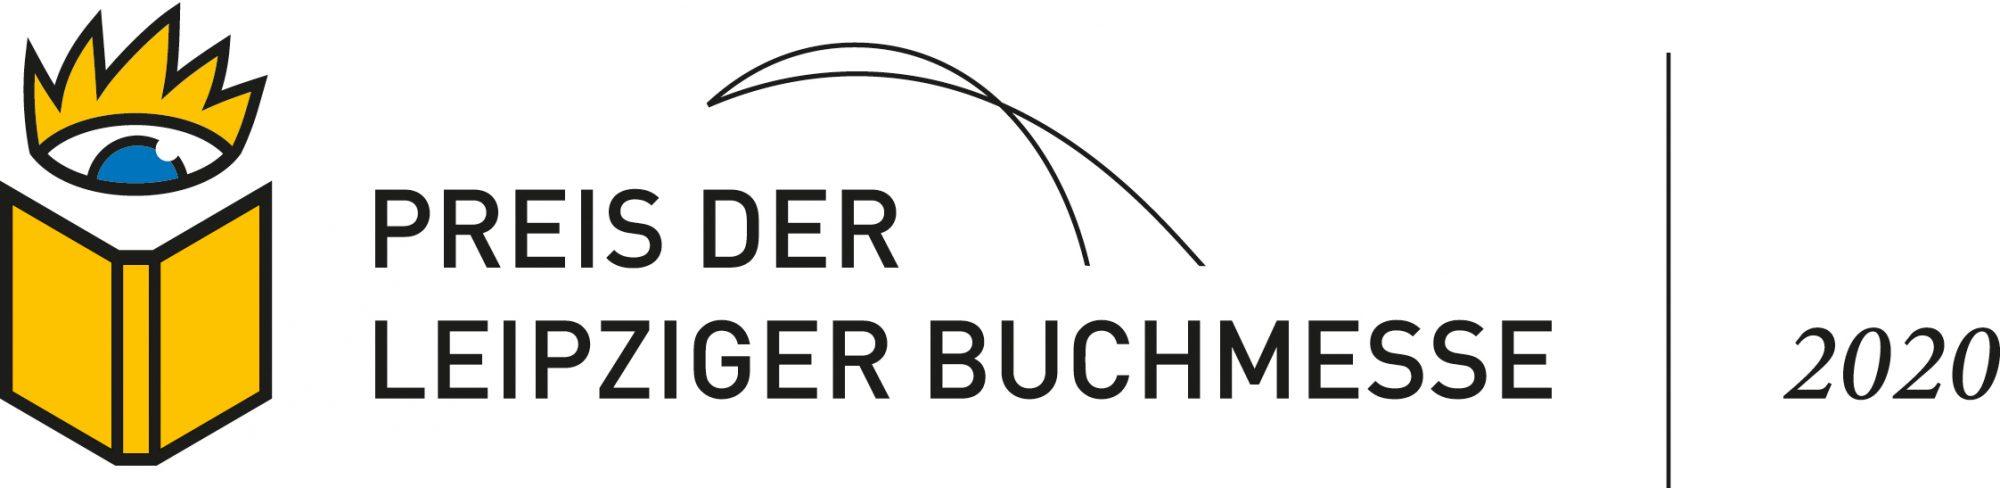 Preis der Leipziger Buchmesse 2019: Die Nominierten der Kategorie Übersetzung